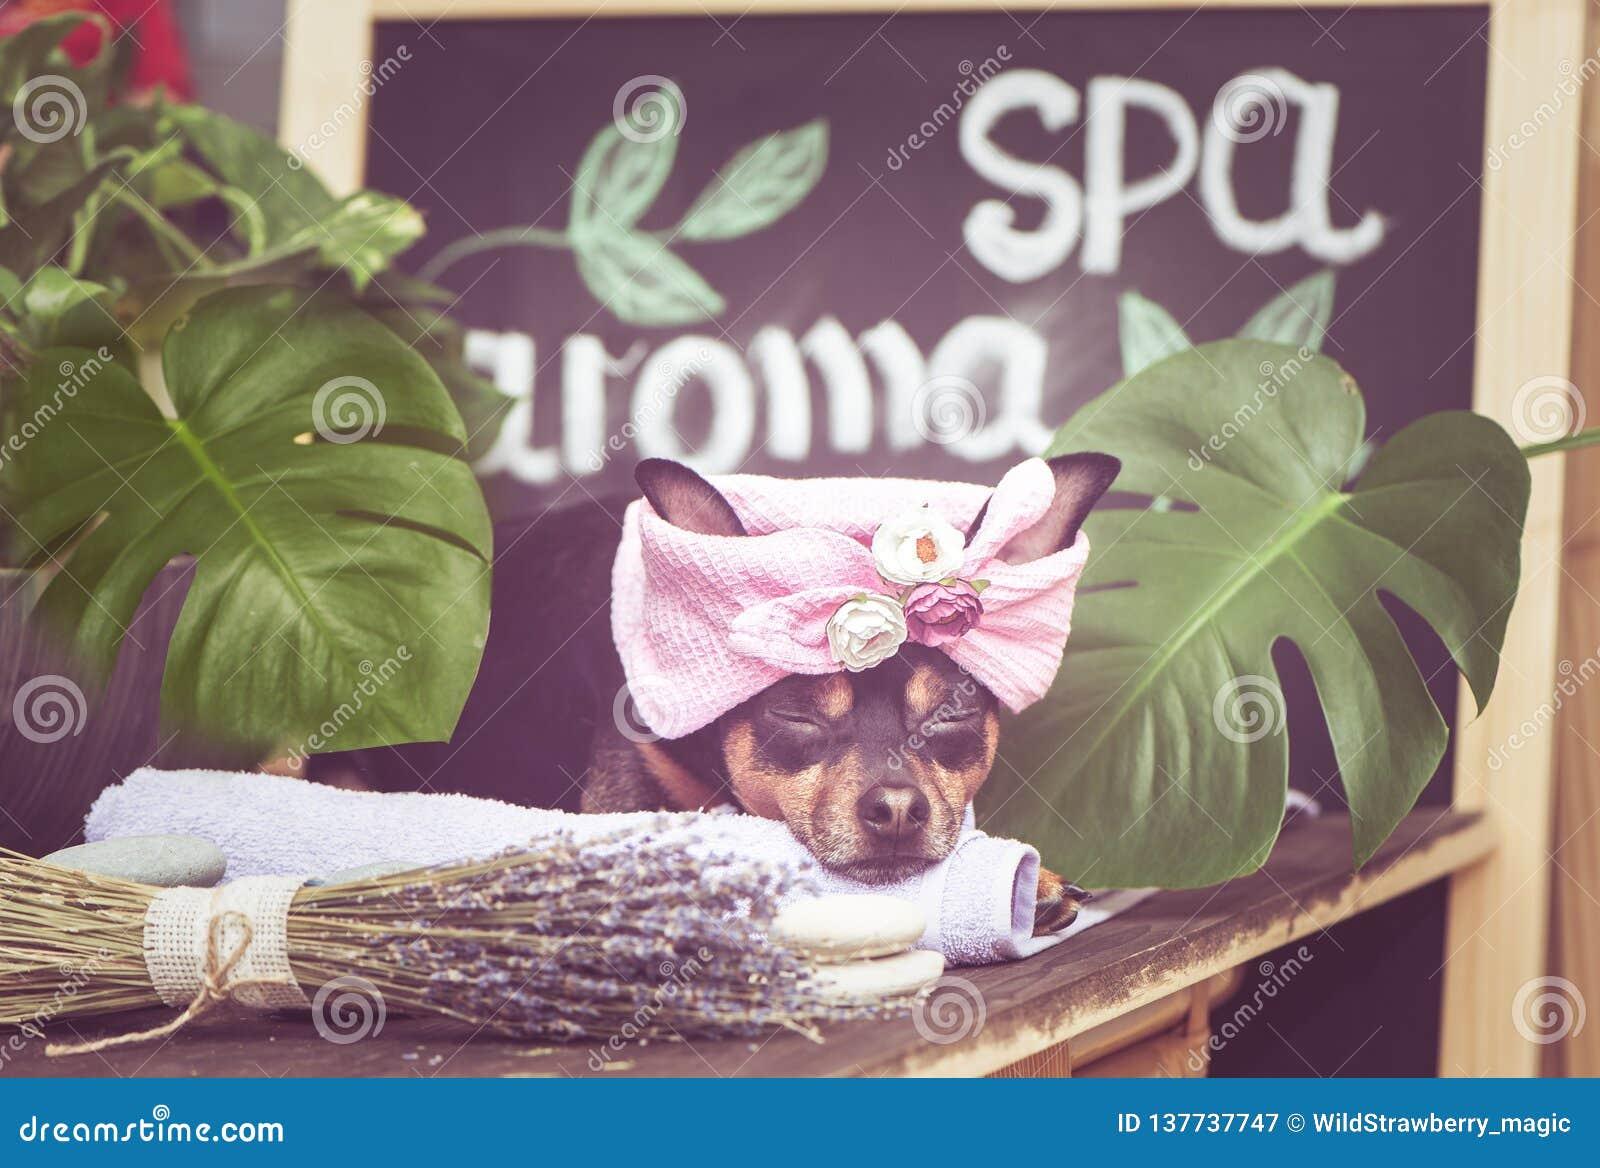 Masaż i zdrój, pies w turbanie ręcznik